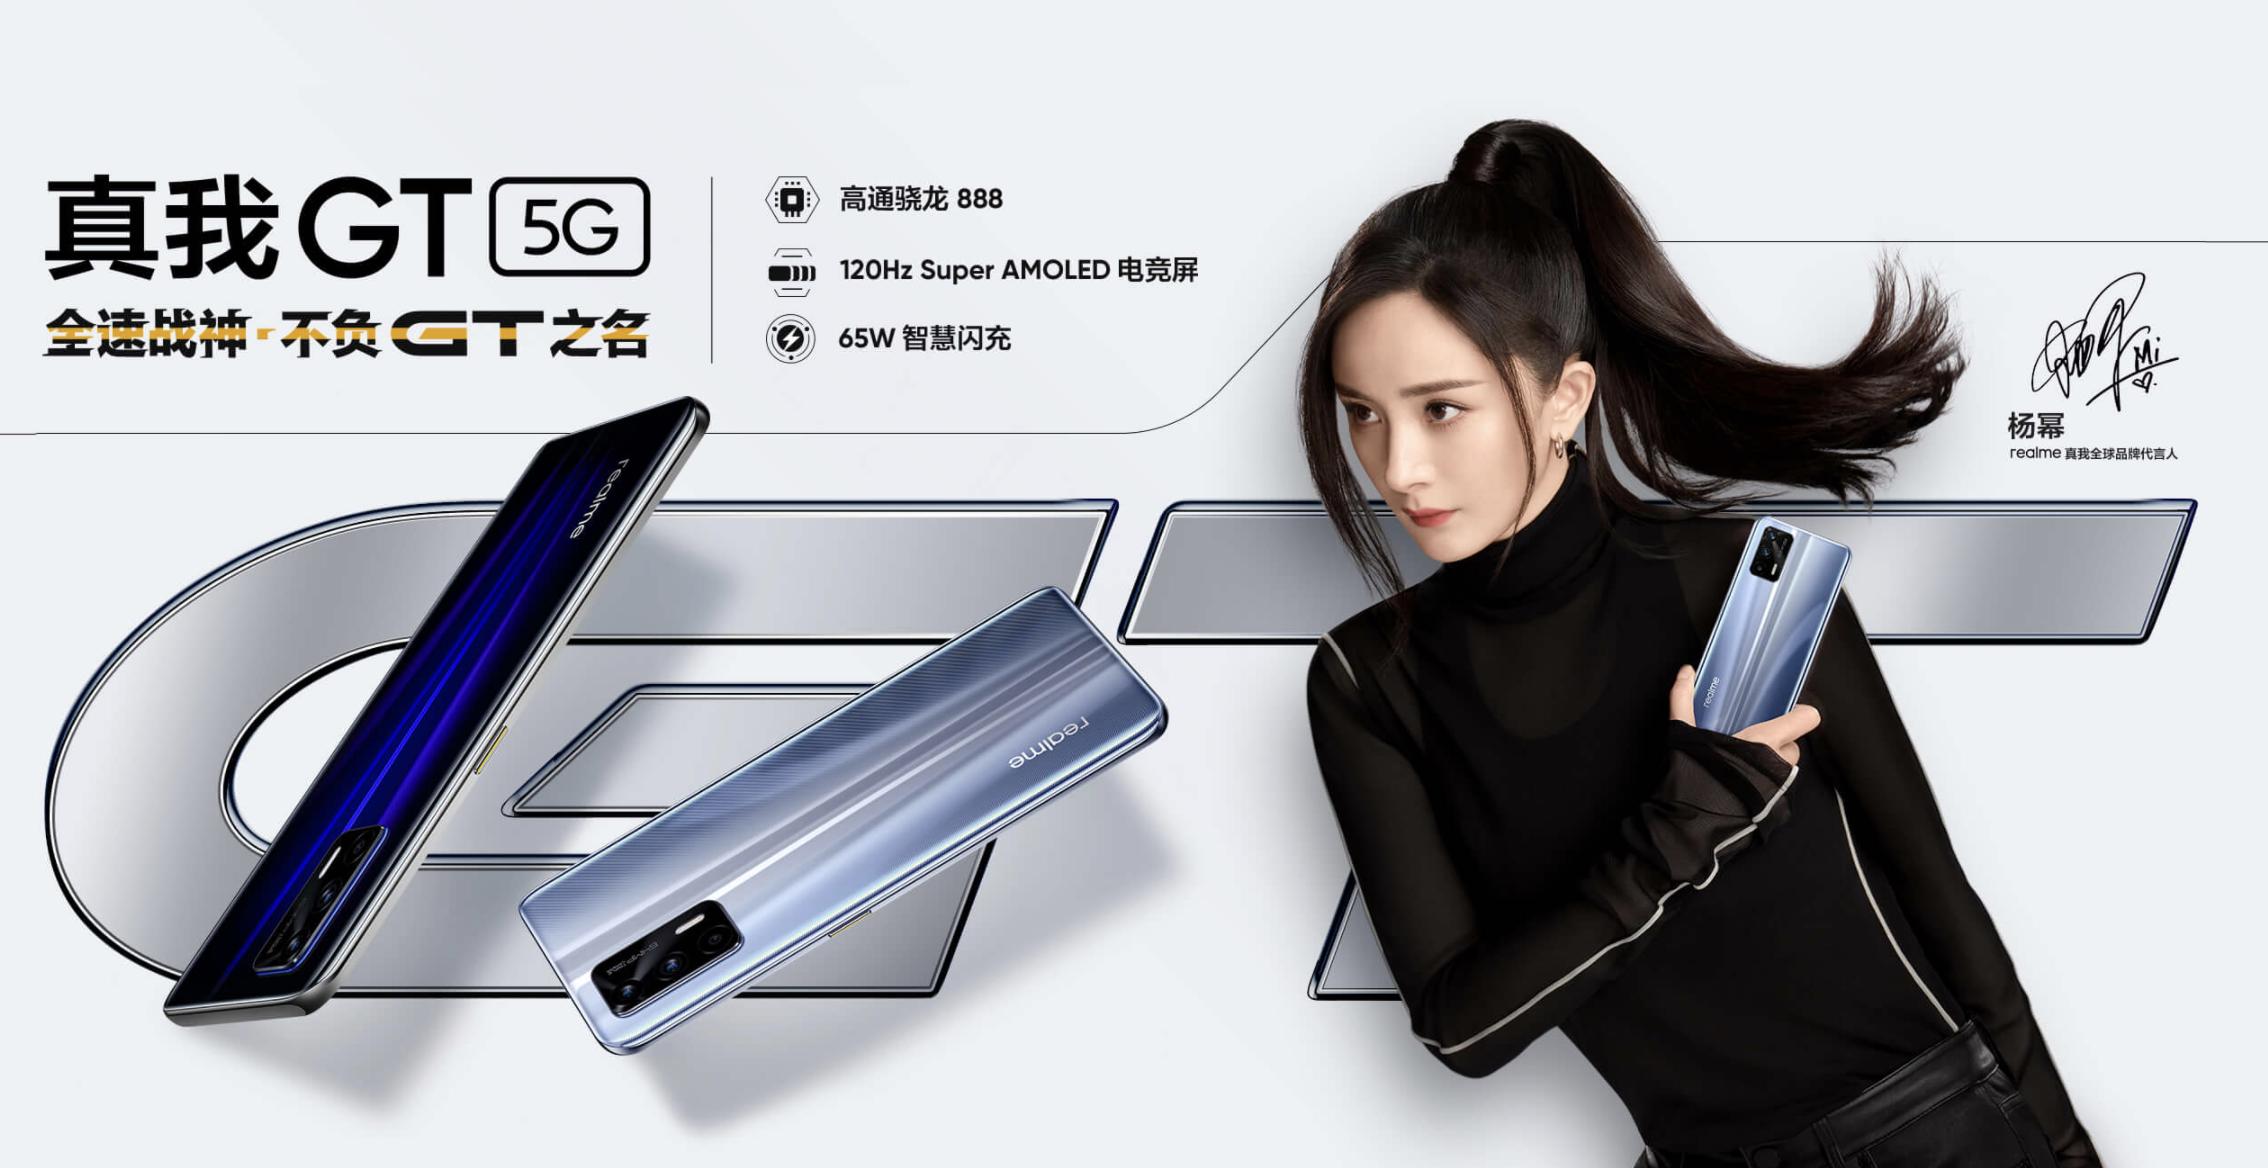 Realme GT 5G: флагманский смартфон с AMOLED-экраном на 120 Гц, чипом Snapdragon 888, тройной камерой, кожаной задней крышкой и ценником от $448